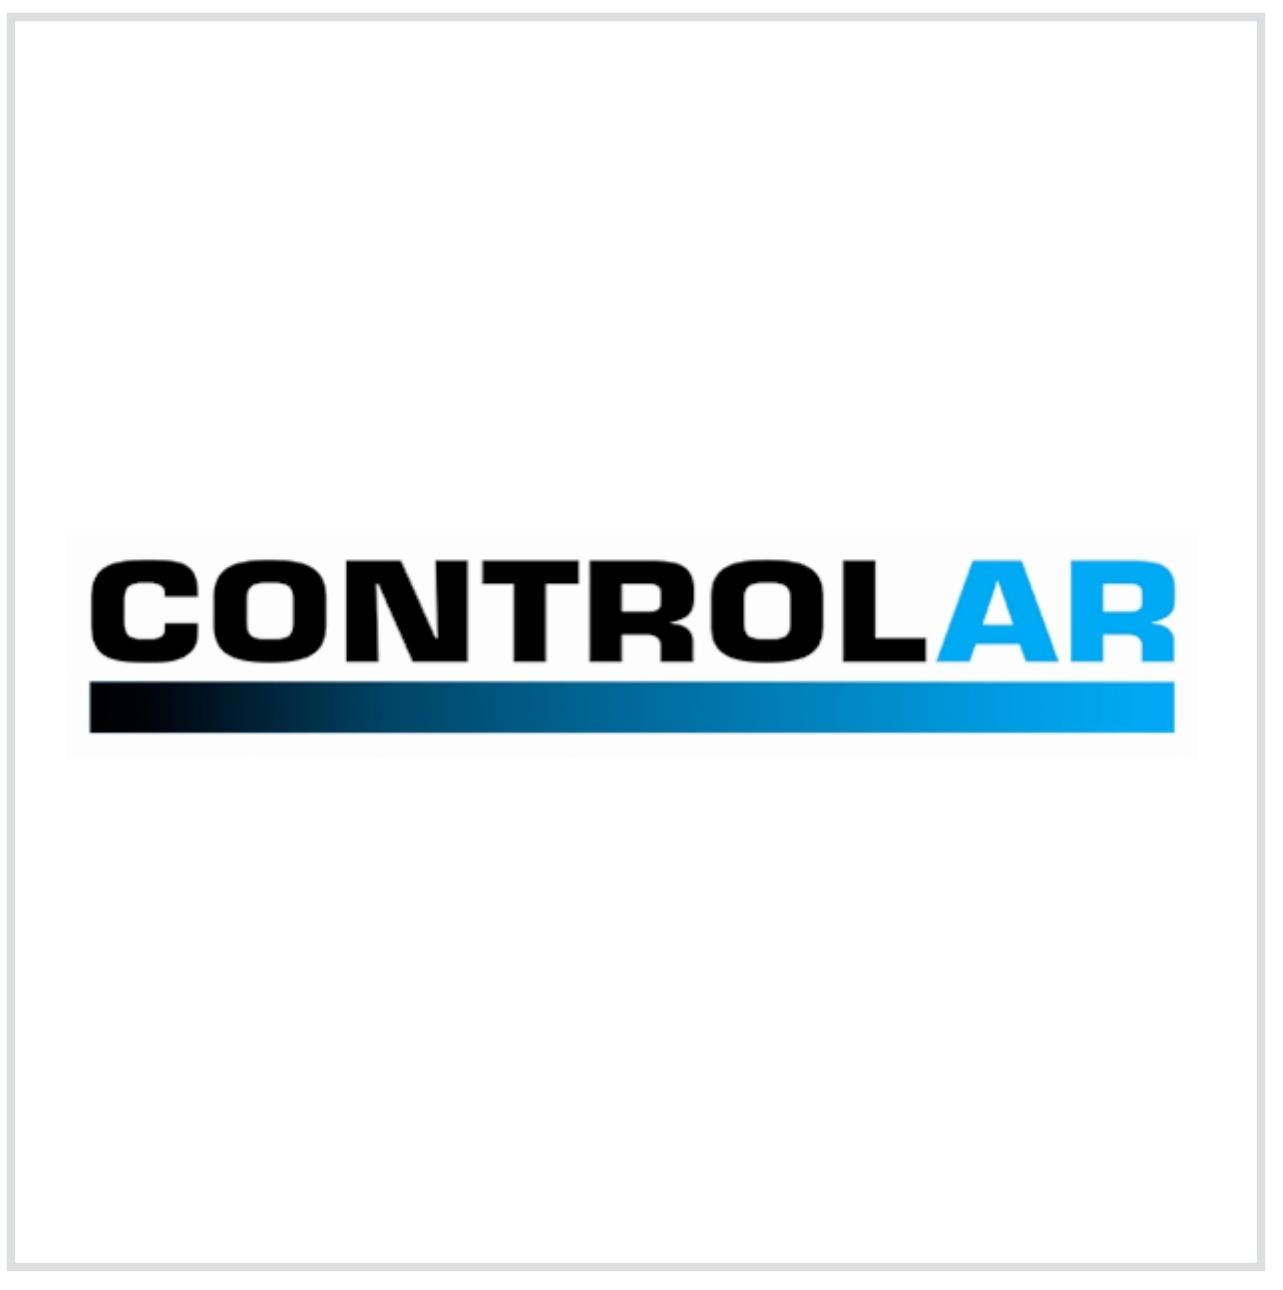 logo_controlar